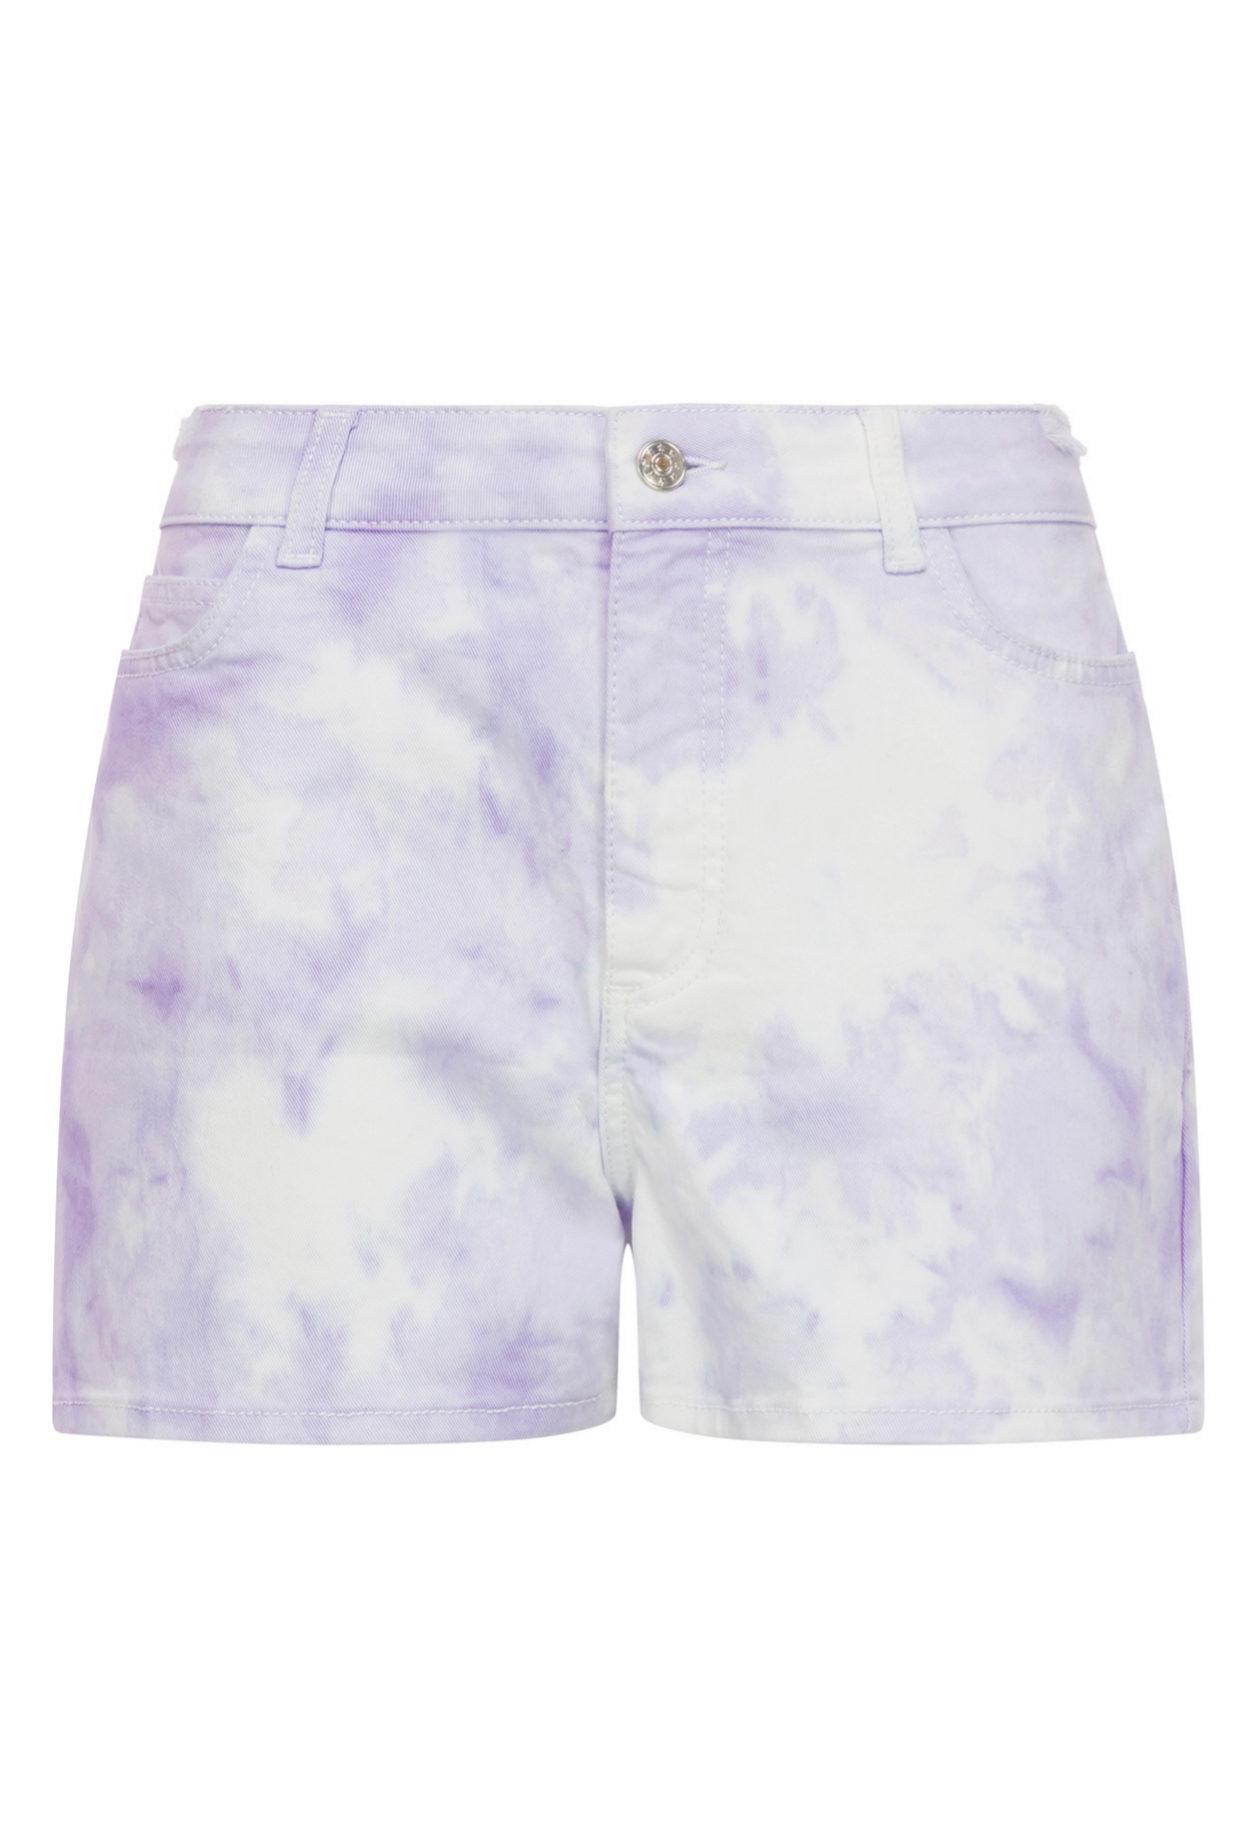 Shorts con estampado 'tye dye' de Claudie Pierlot (c.p.v)